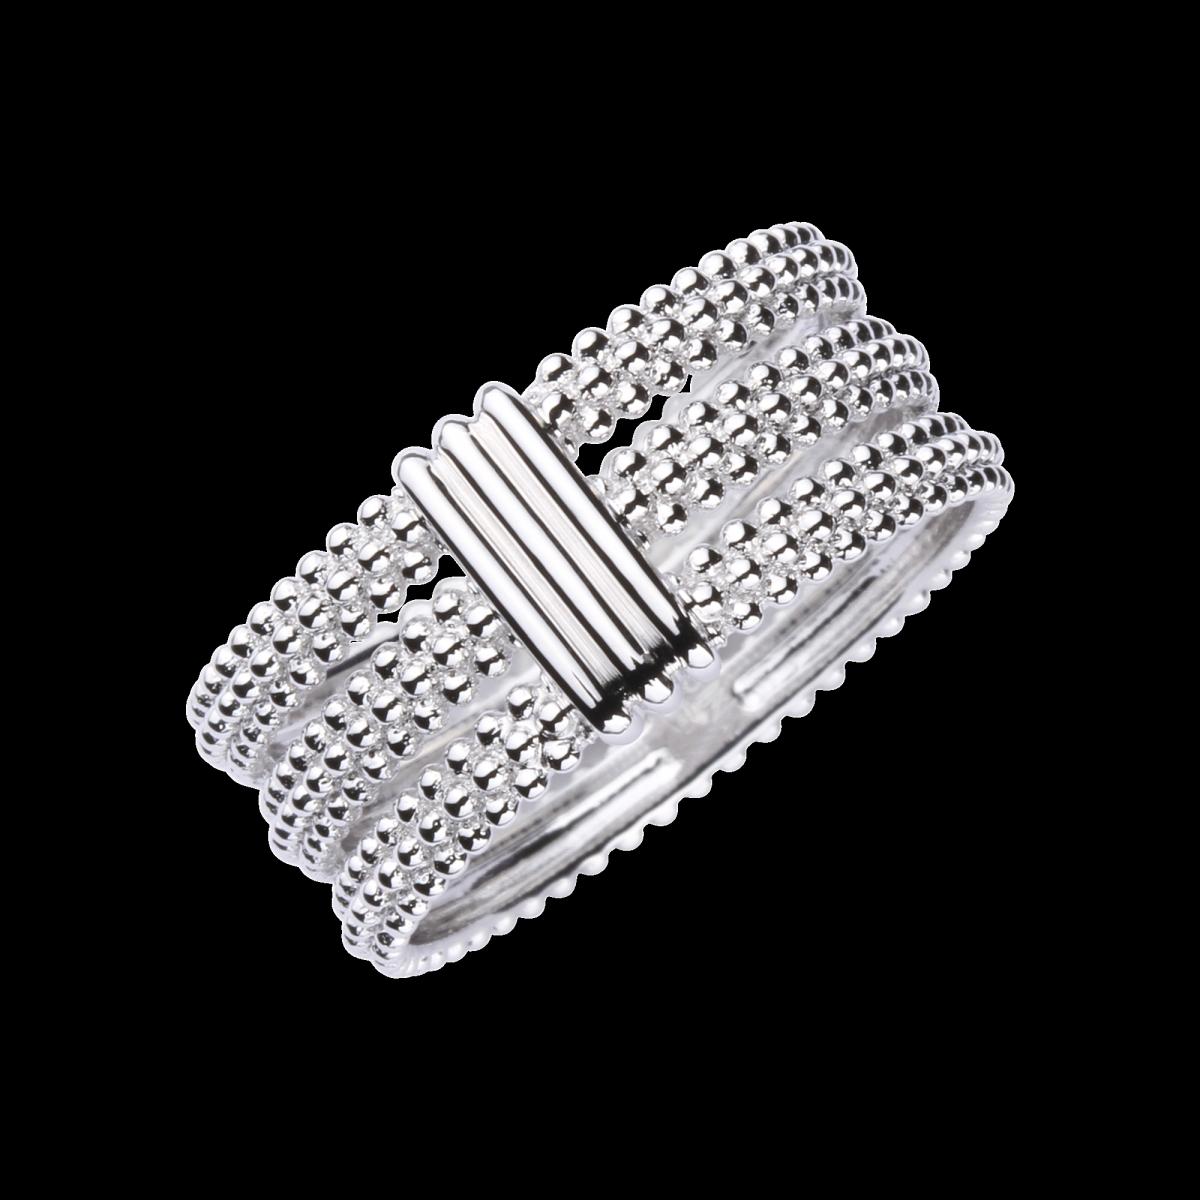 MAUBOUSSINの結婚指輪デザイン4